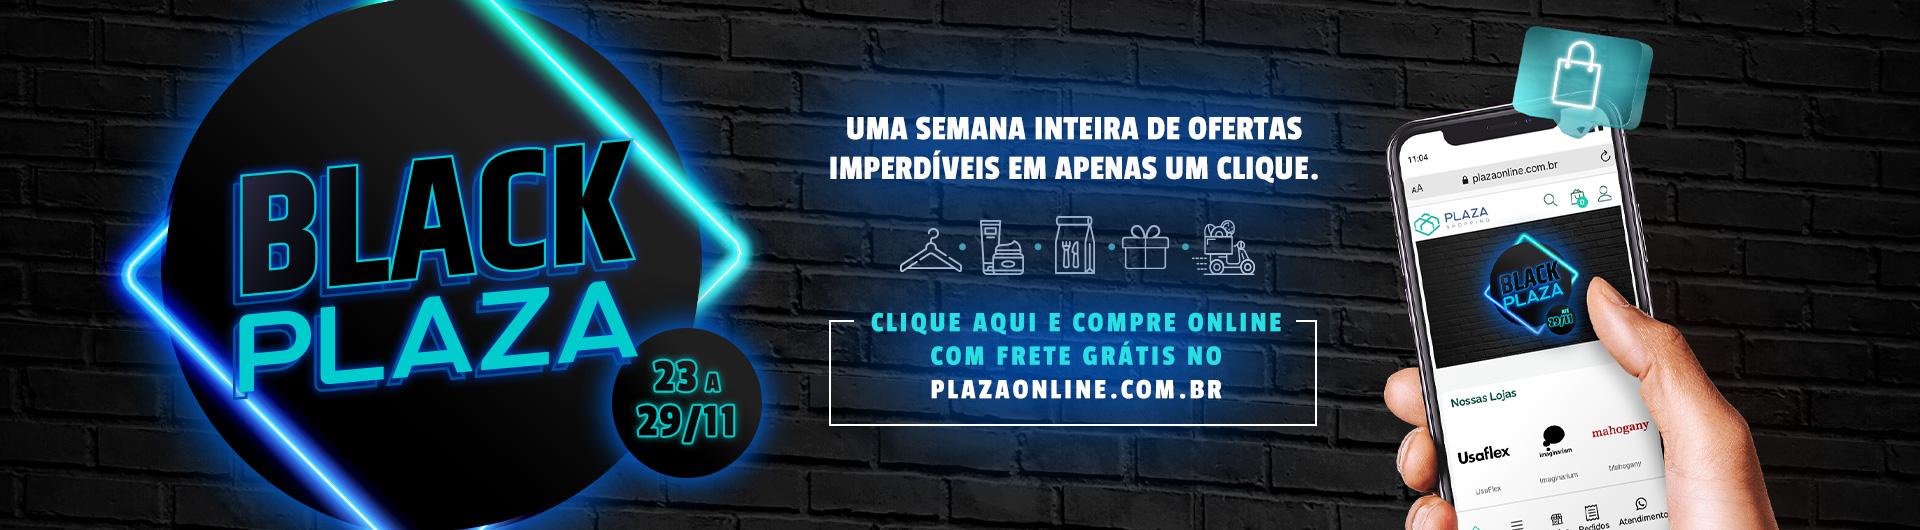 Clique aqui aproveite as ofertas do Black Plaza